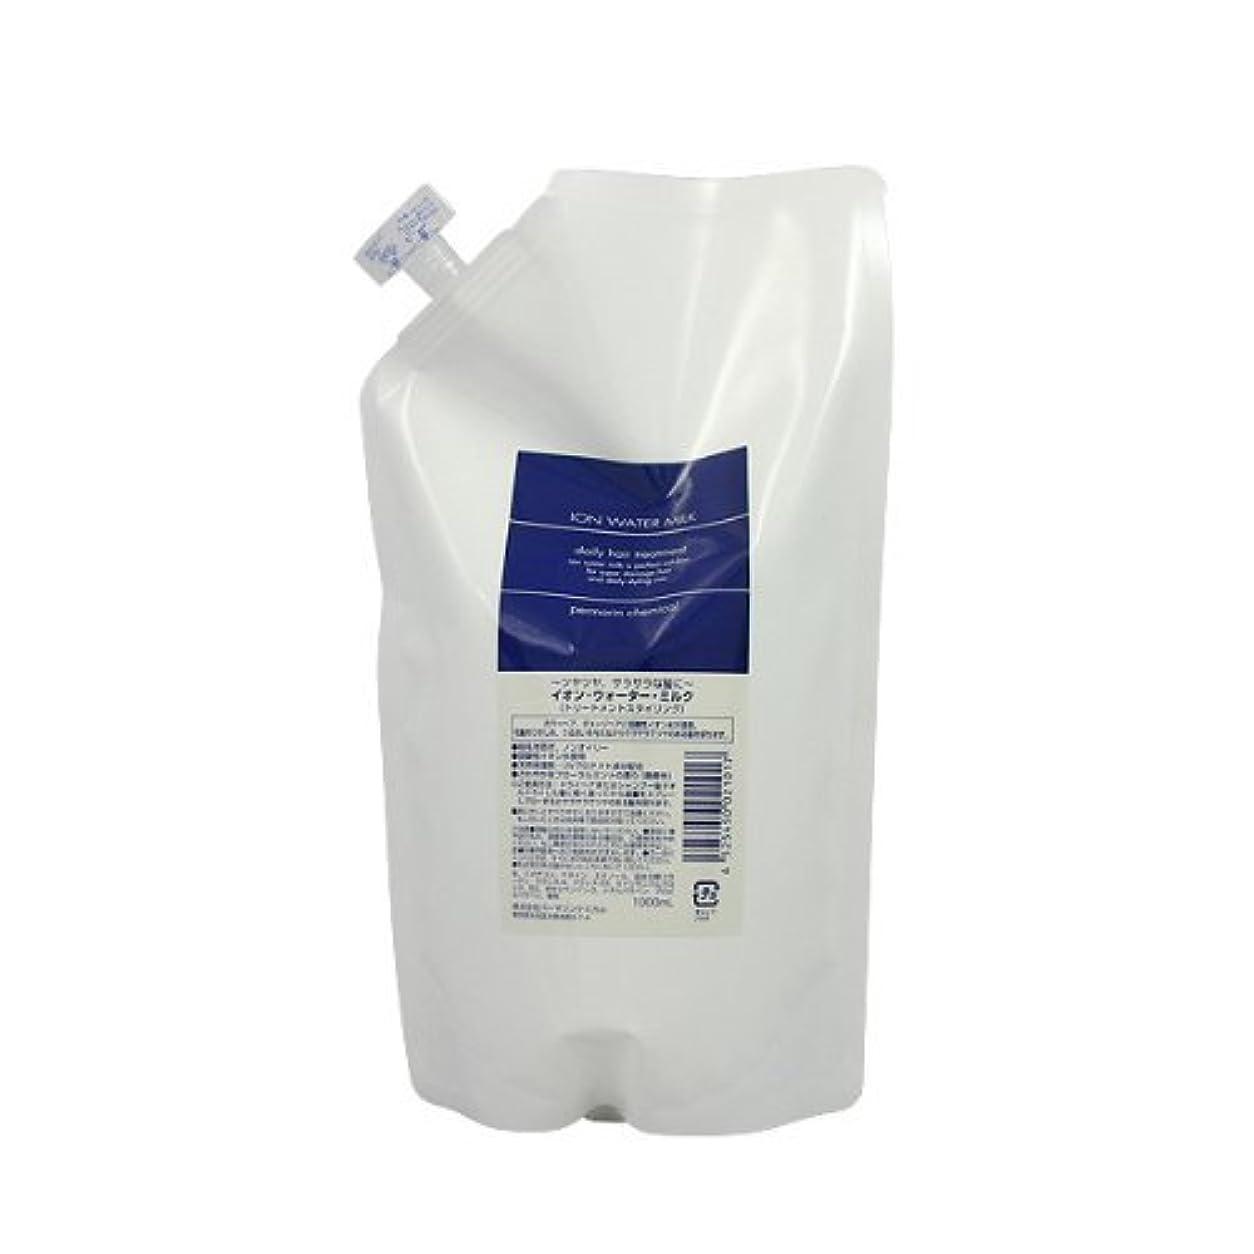 三十緑変なイオンウォーターミルク 1000ml リフィル